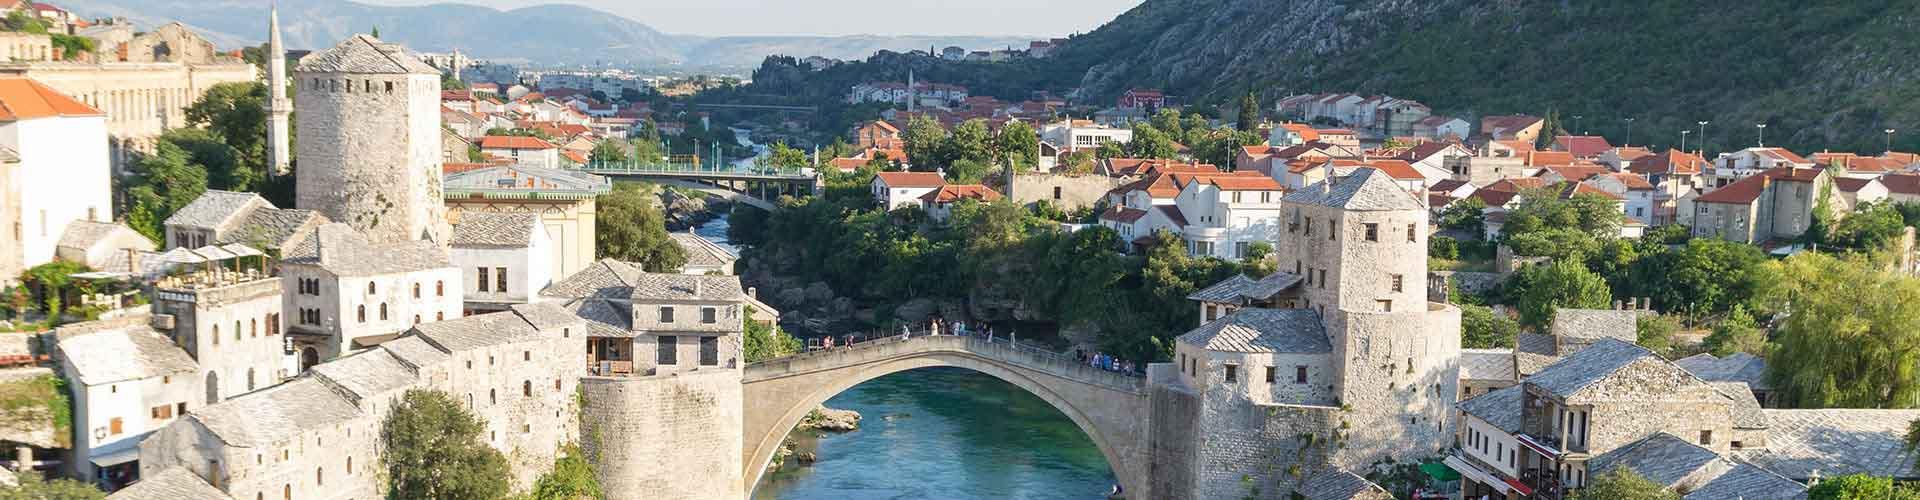 Mostar - Hostales en Mostar. Mapas de Mostar, Fotos y comentarios de cada Hostal en Mostar.